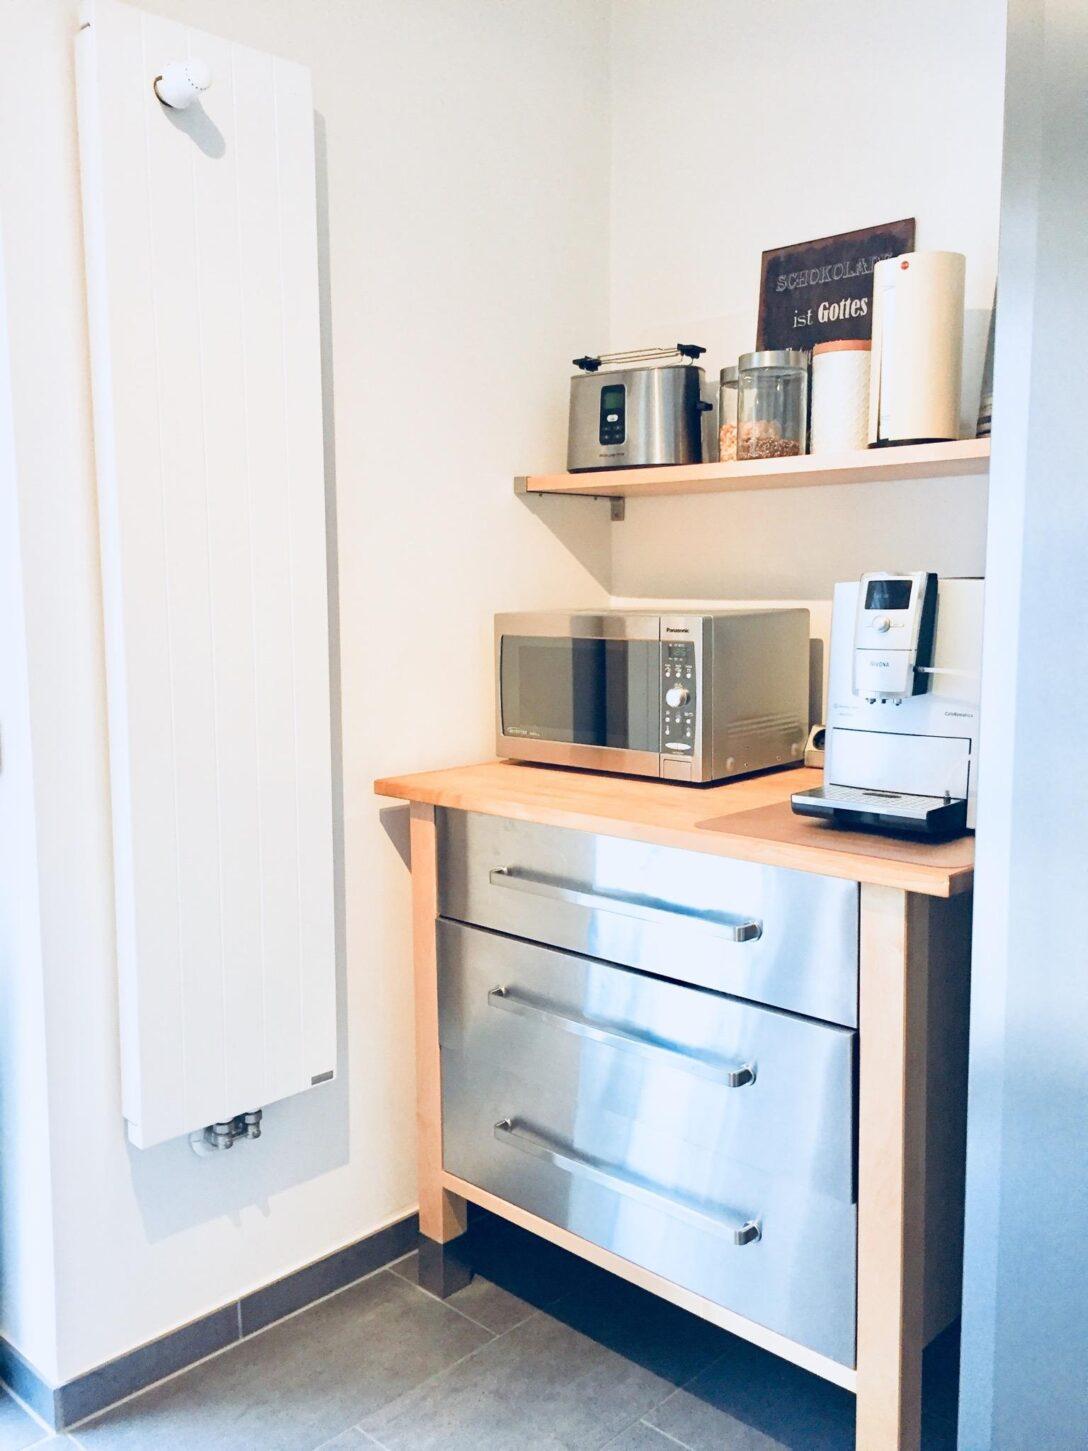 Large Size of Miniküche Ideen Minikche Bilder Couch Ikea Stengel Wohnzimmer Tapeten Bad Renovieren Mit Kühlschrank Wohnzimmer Miniküche Ideen